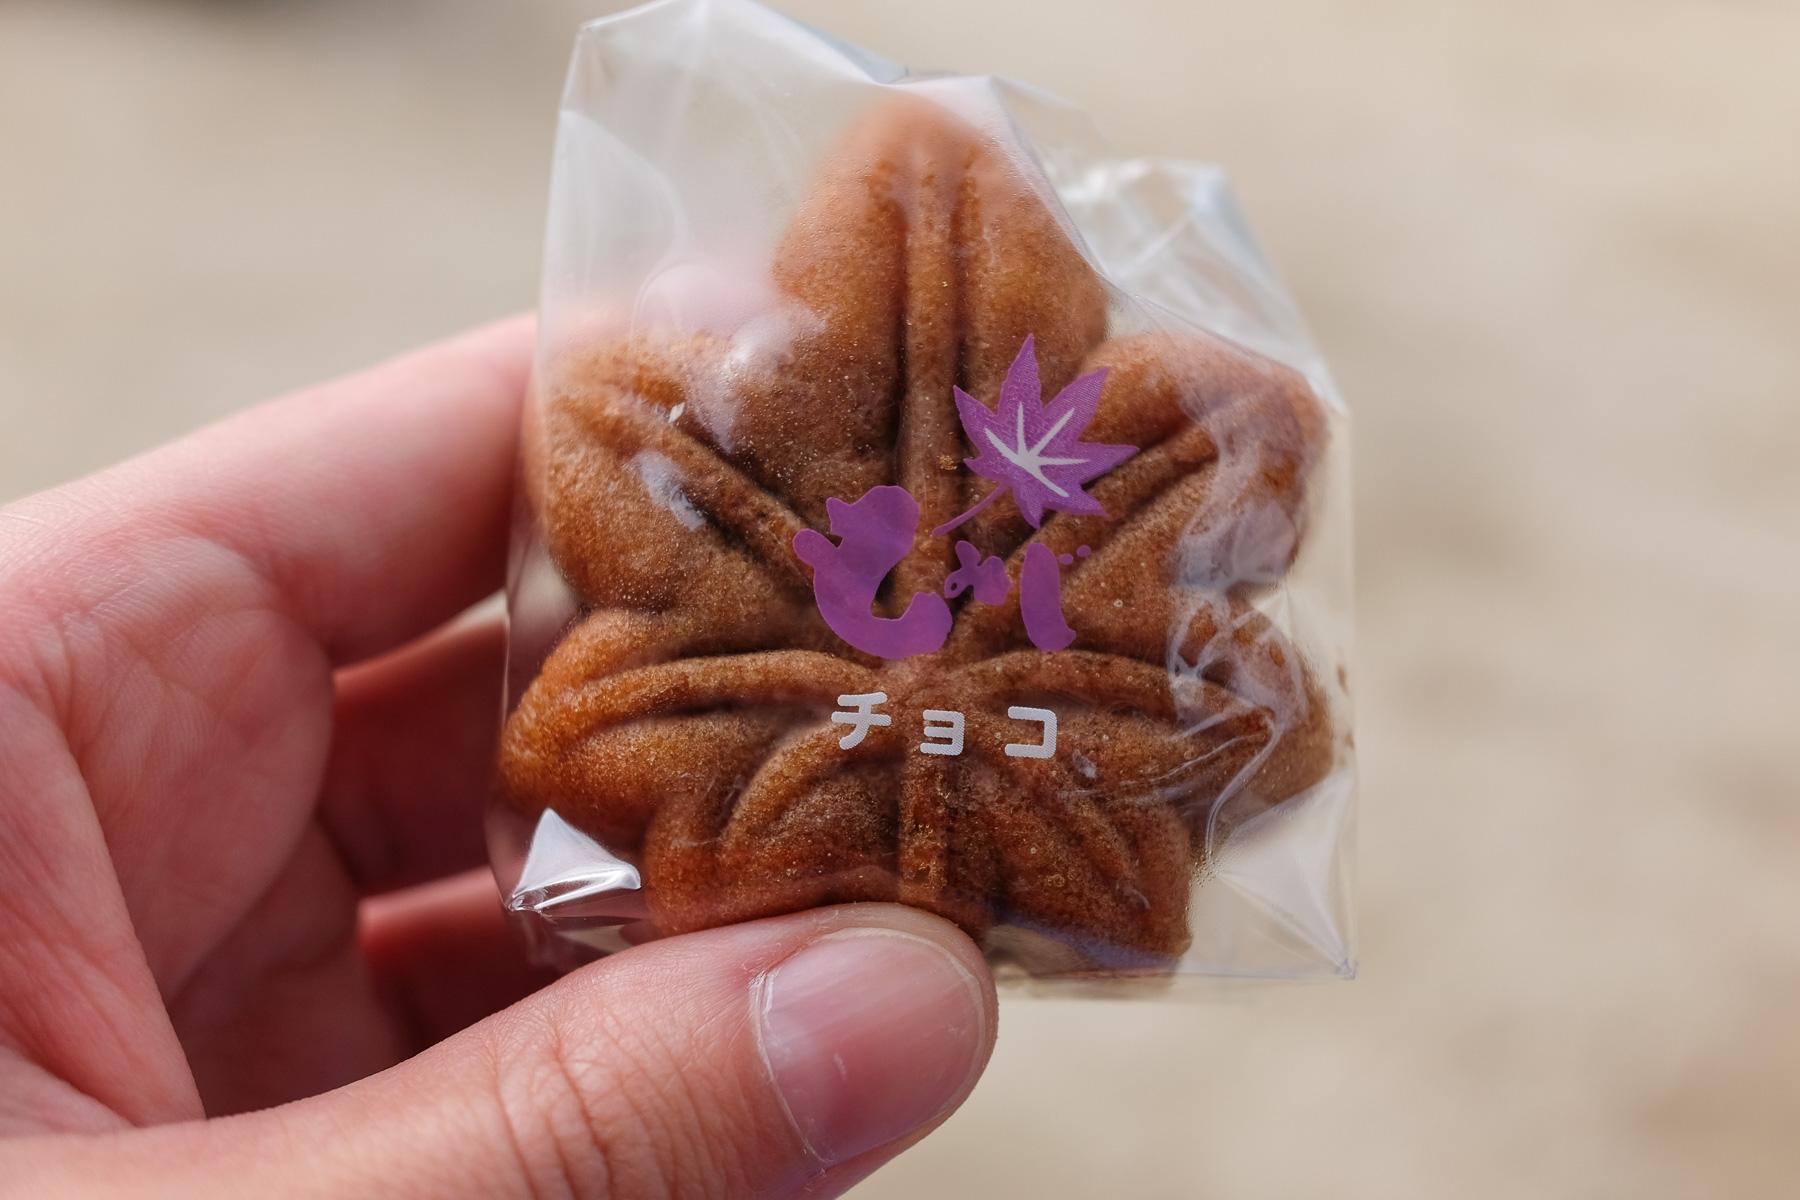 Manjuu - Kuchen mit unterschiedlichen Füllungen (bei uns mit Vanille) in Form eines Ahornblattes.